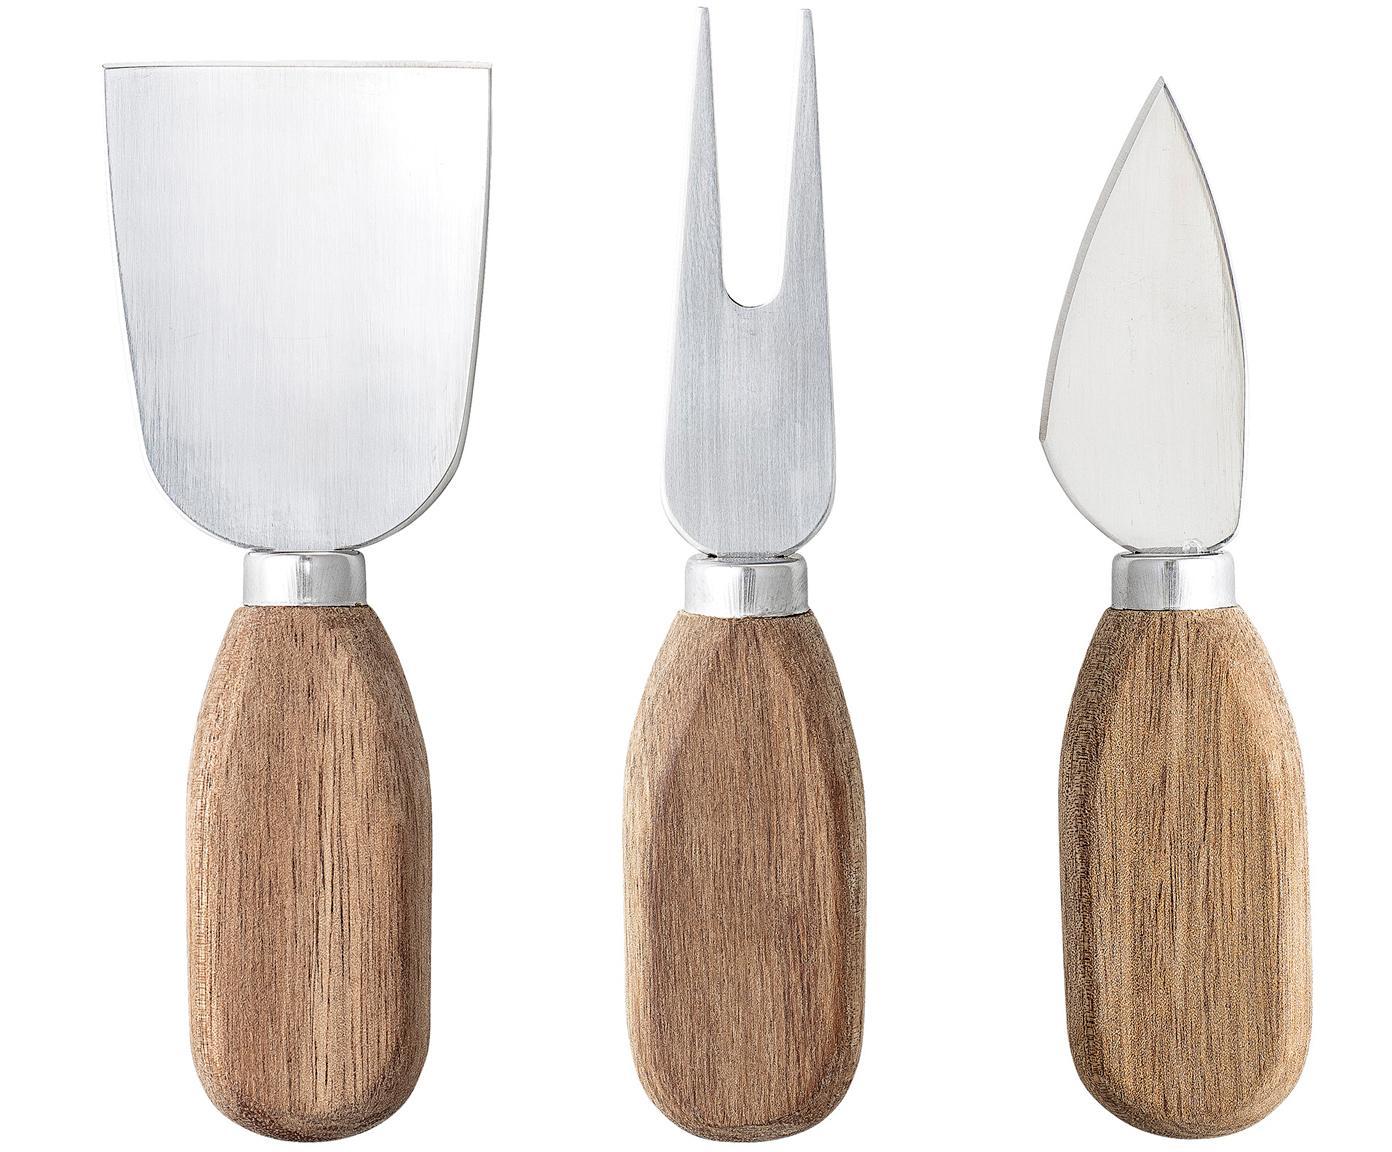 Zilveren kaasset Chase met handvat van acaciahout, 3-delig, Bestek: staal, Staalkleurig, acaciahoutkleurig, Verschillende formaten